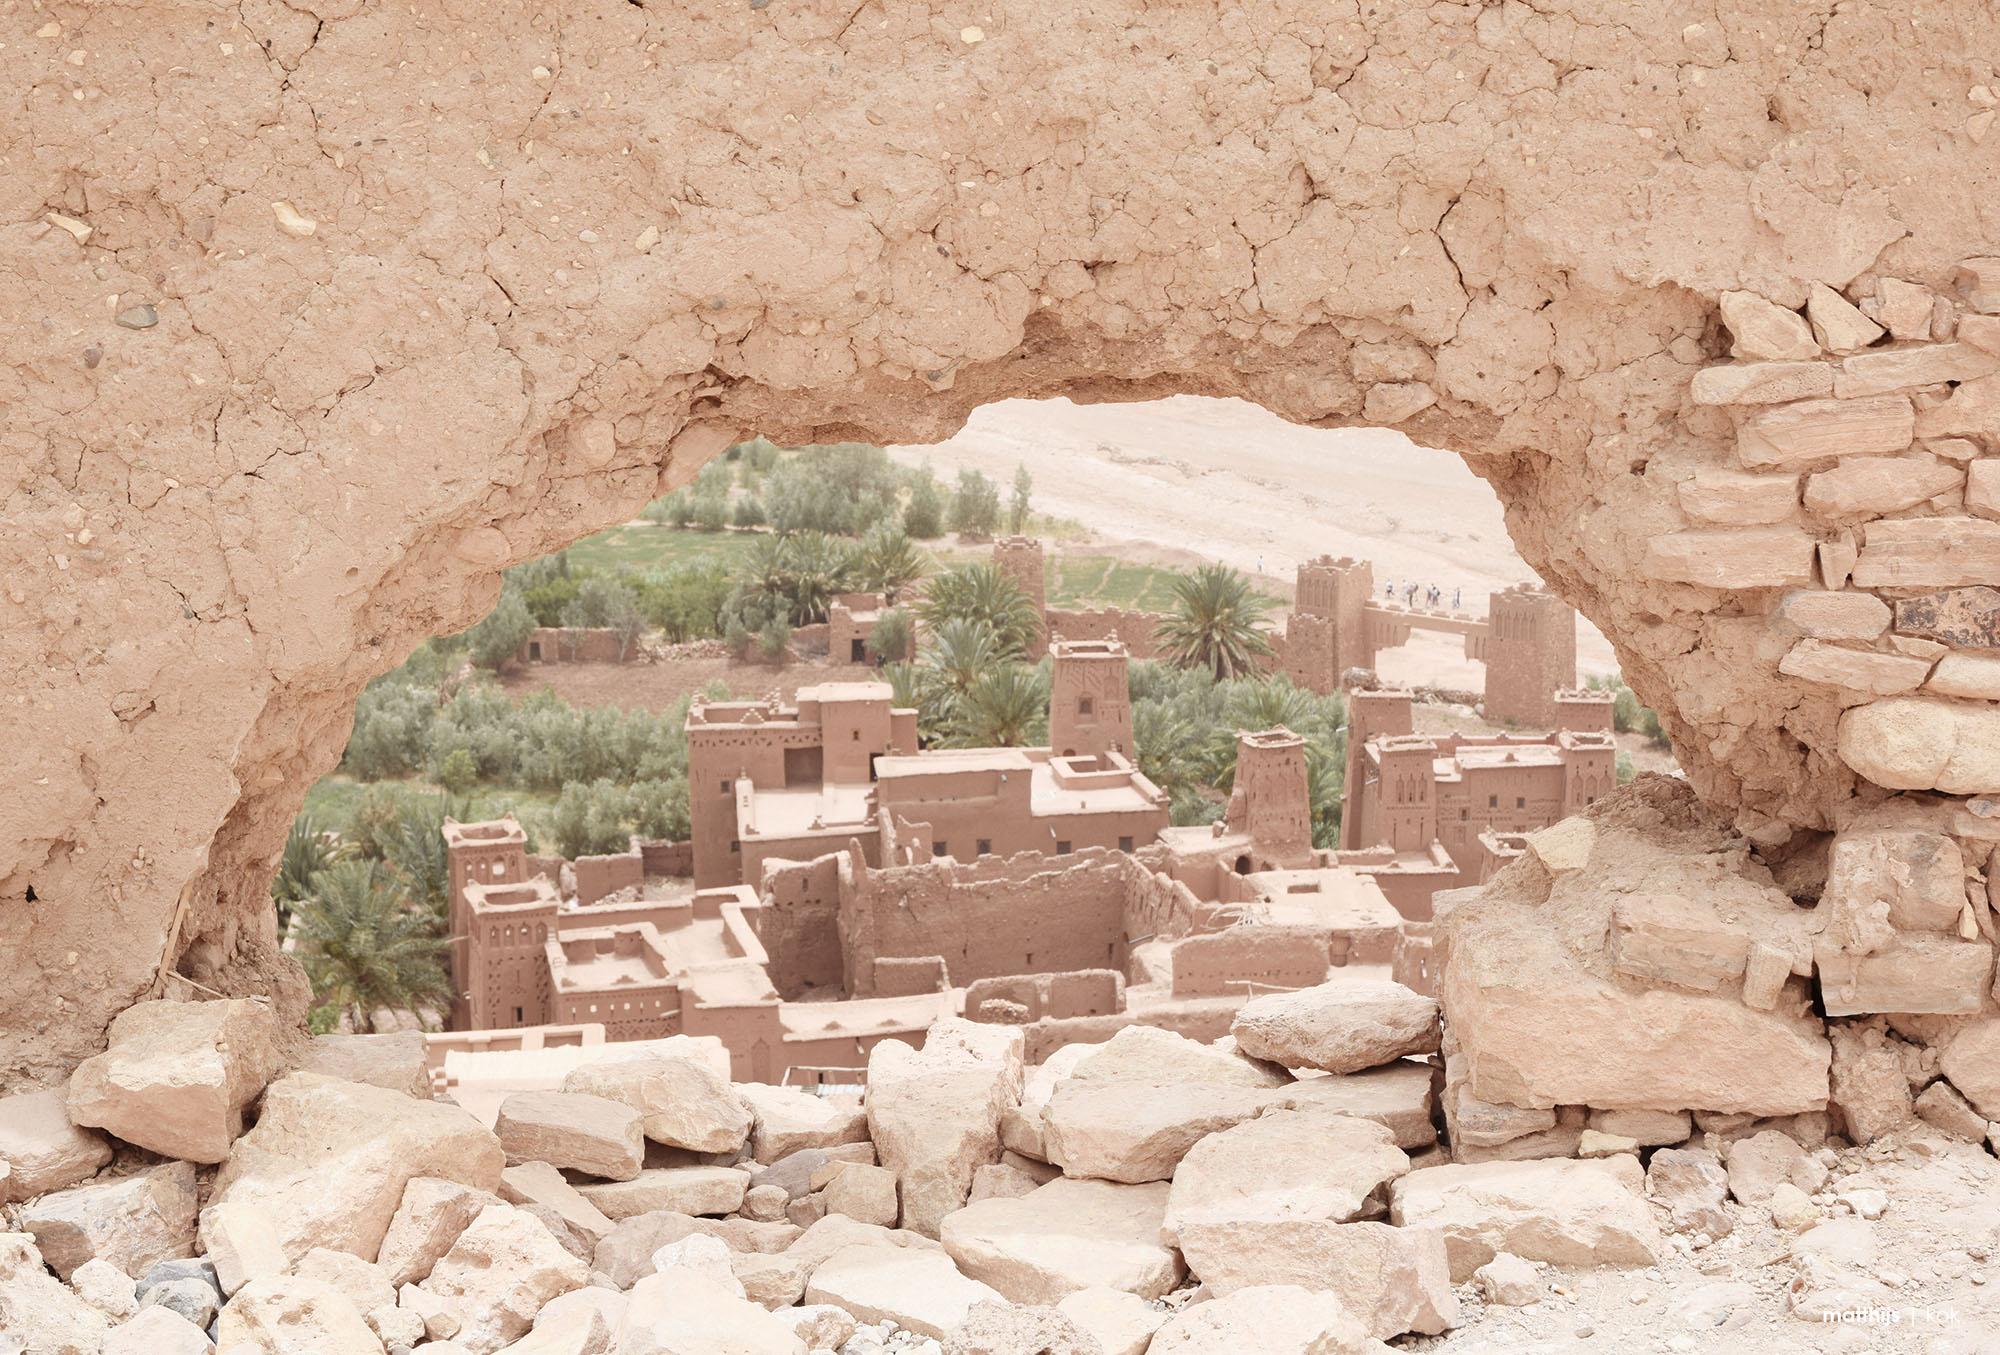 Kasbah Aït Ben Haddou, Morocco | Photo by Matthijs Kok